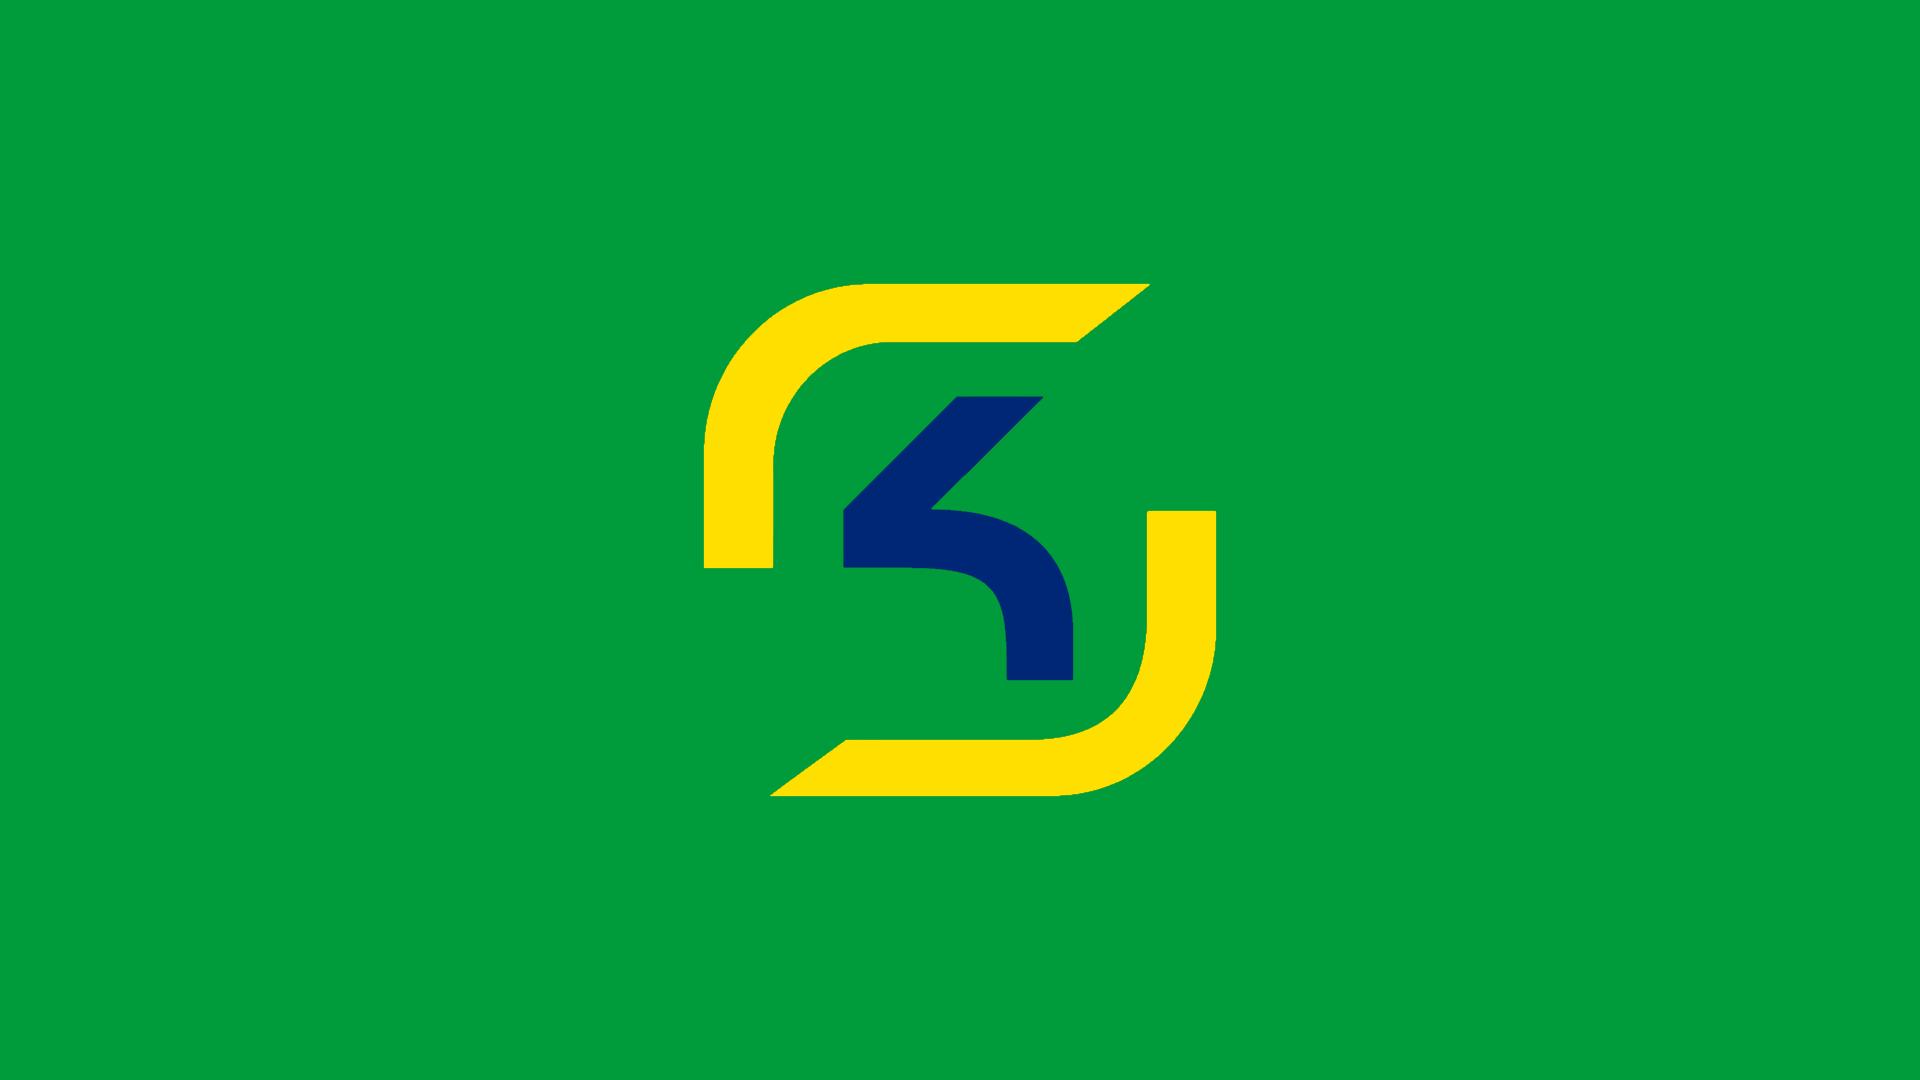 Pamaj Logo Wallpaper